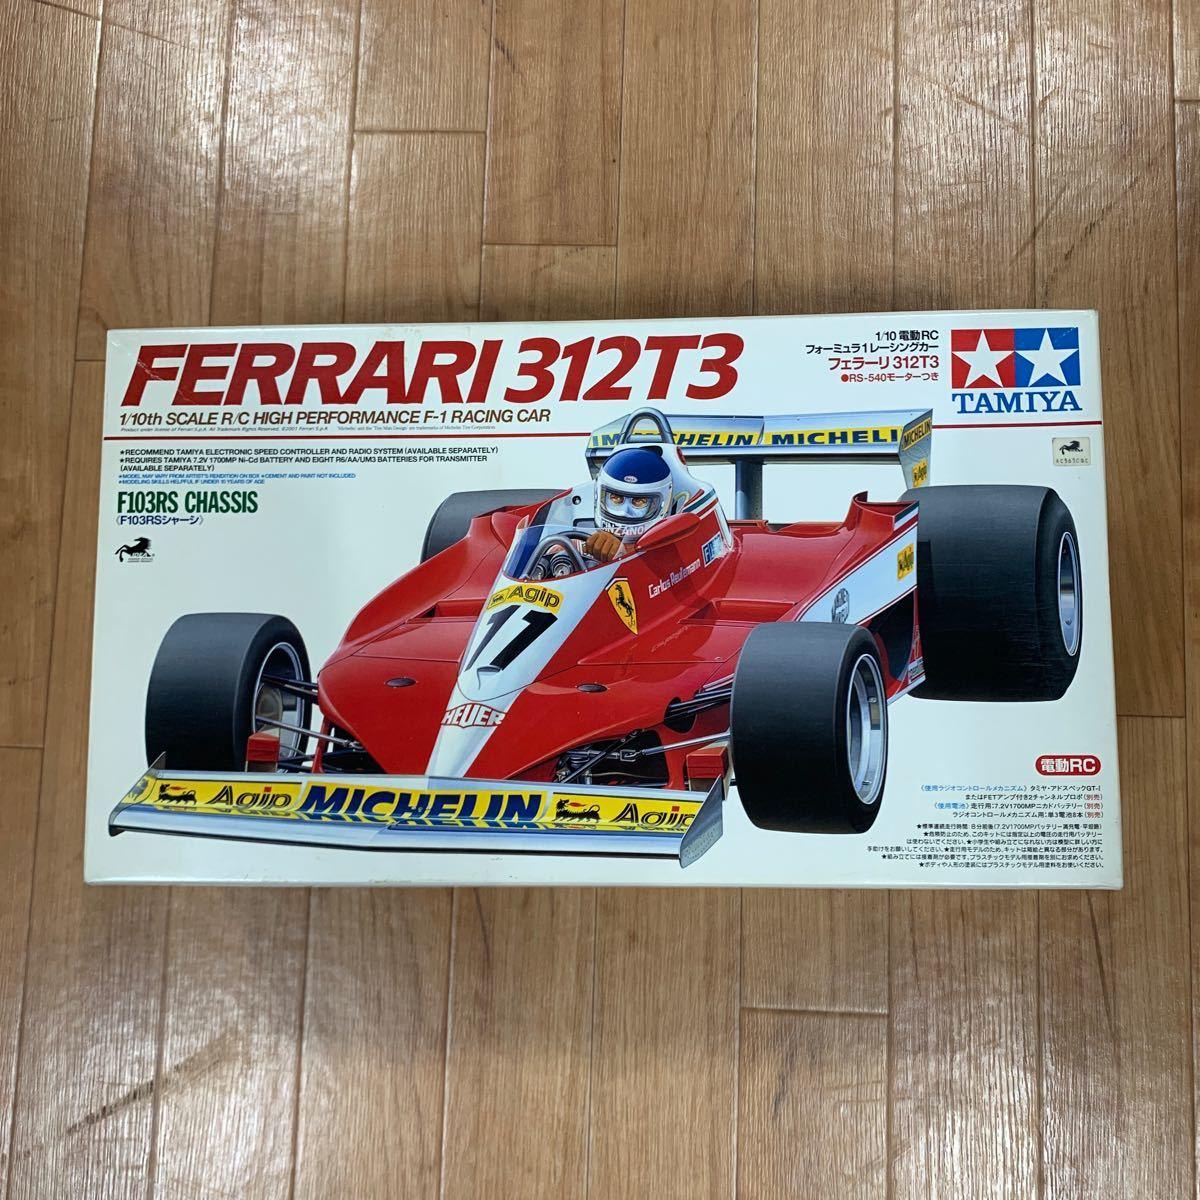 タミヤ 1/10電動RC フォーミュラ1レーシングカー フェラーリ312T3 ●RS-540モーターつき